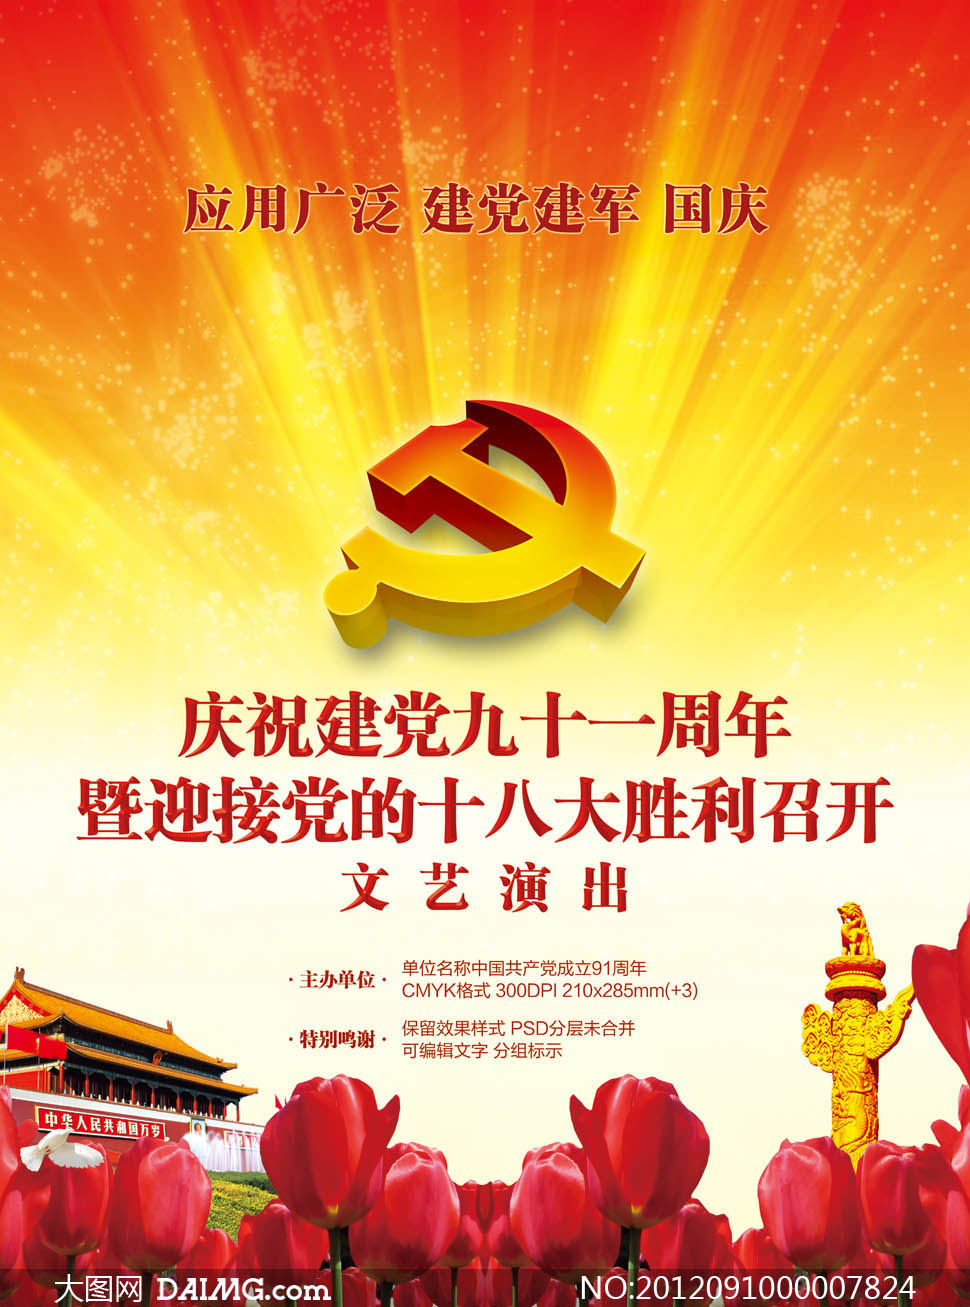 支教文艺汇演海报模板_舞蹈艺术招生文艺演出比赛海报模板下载图片